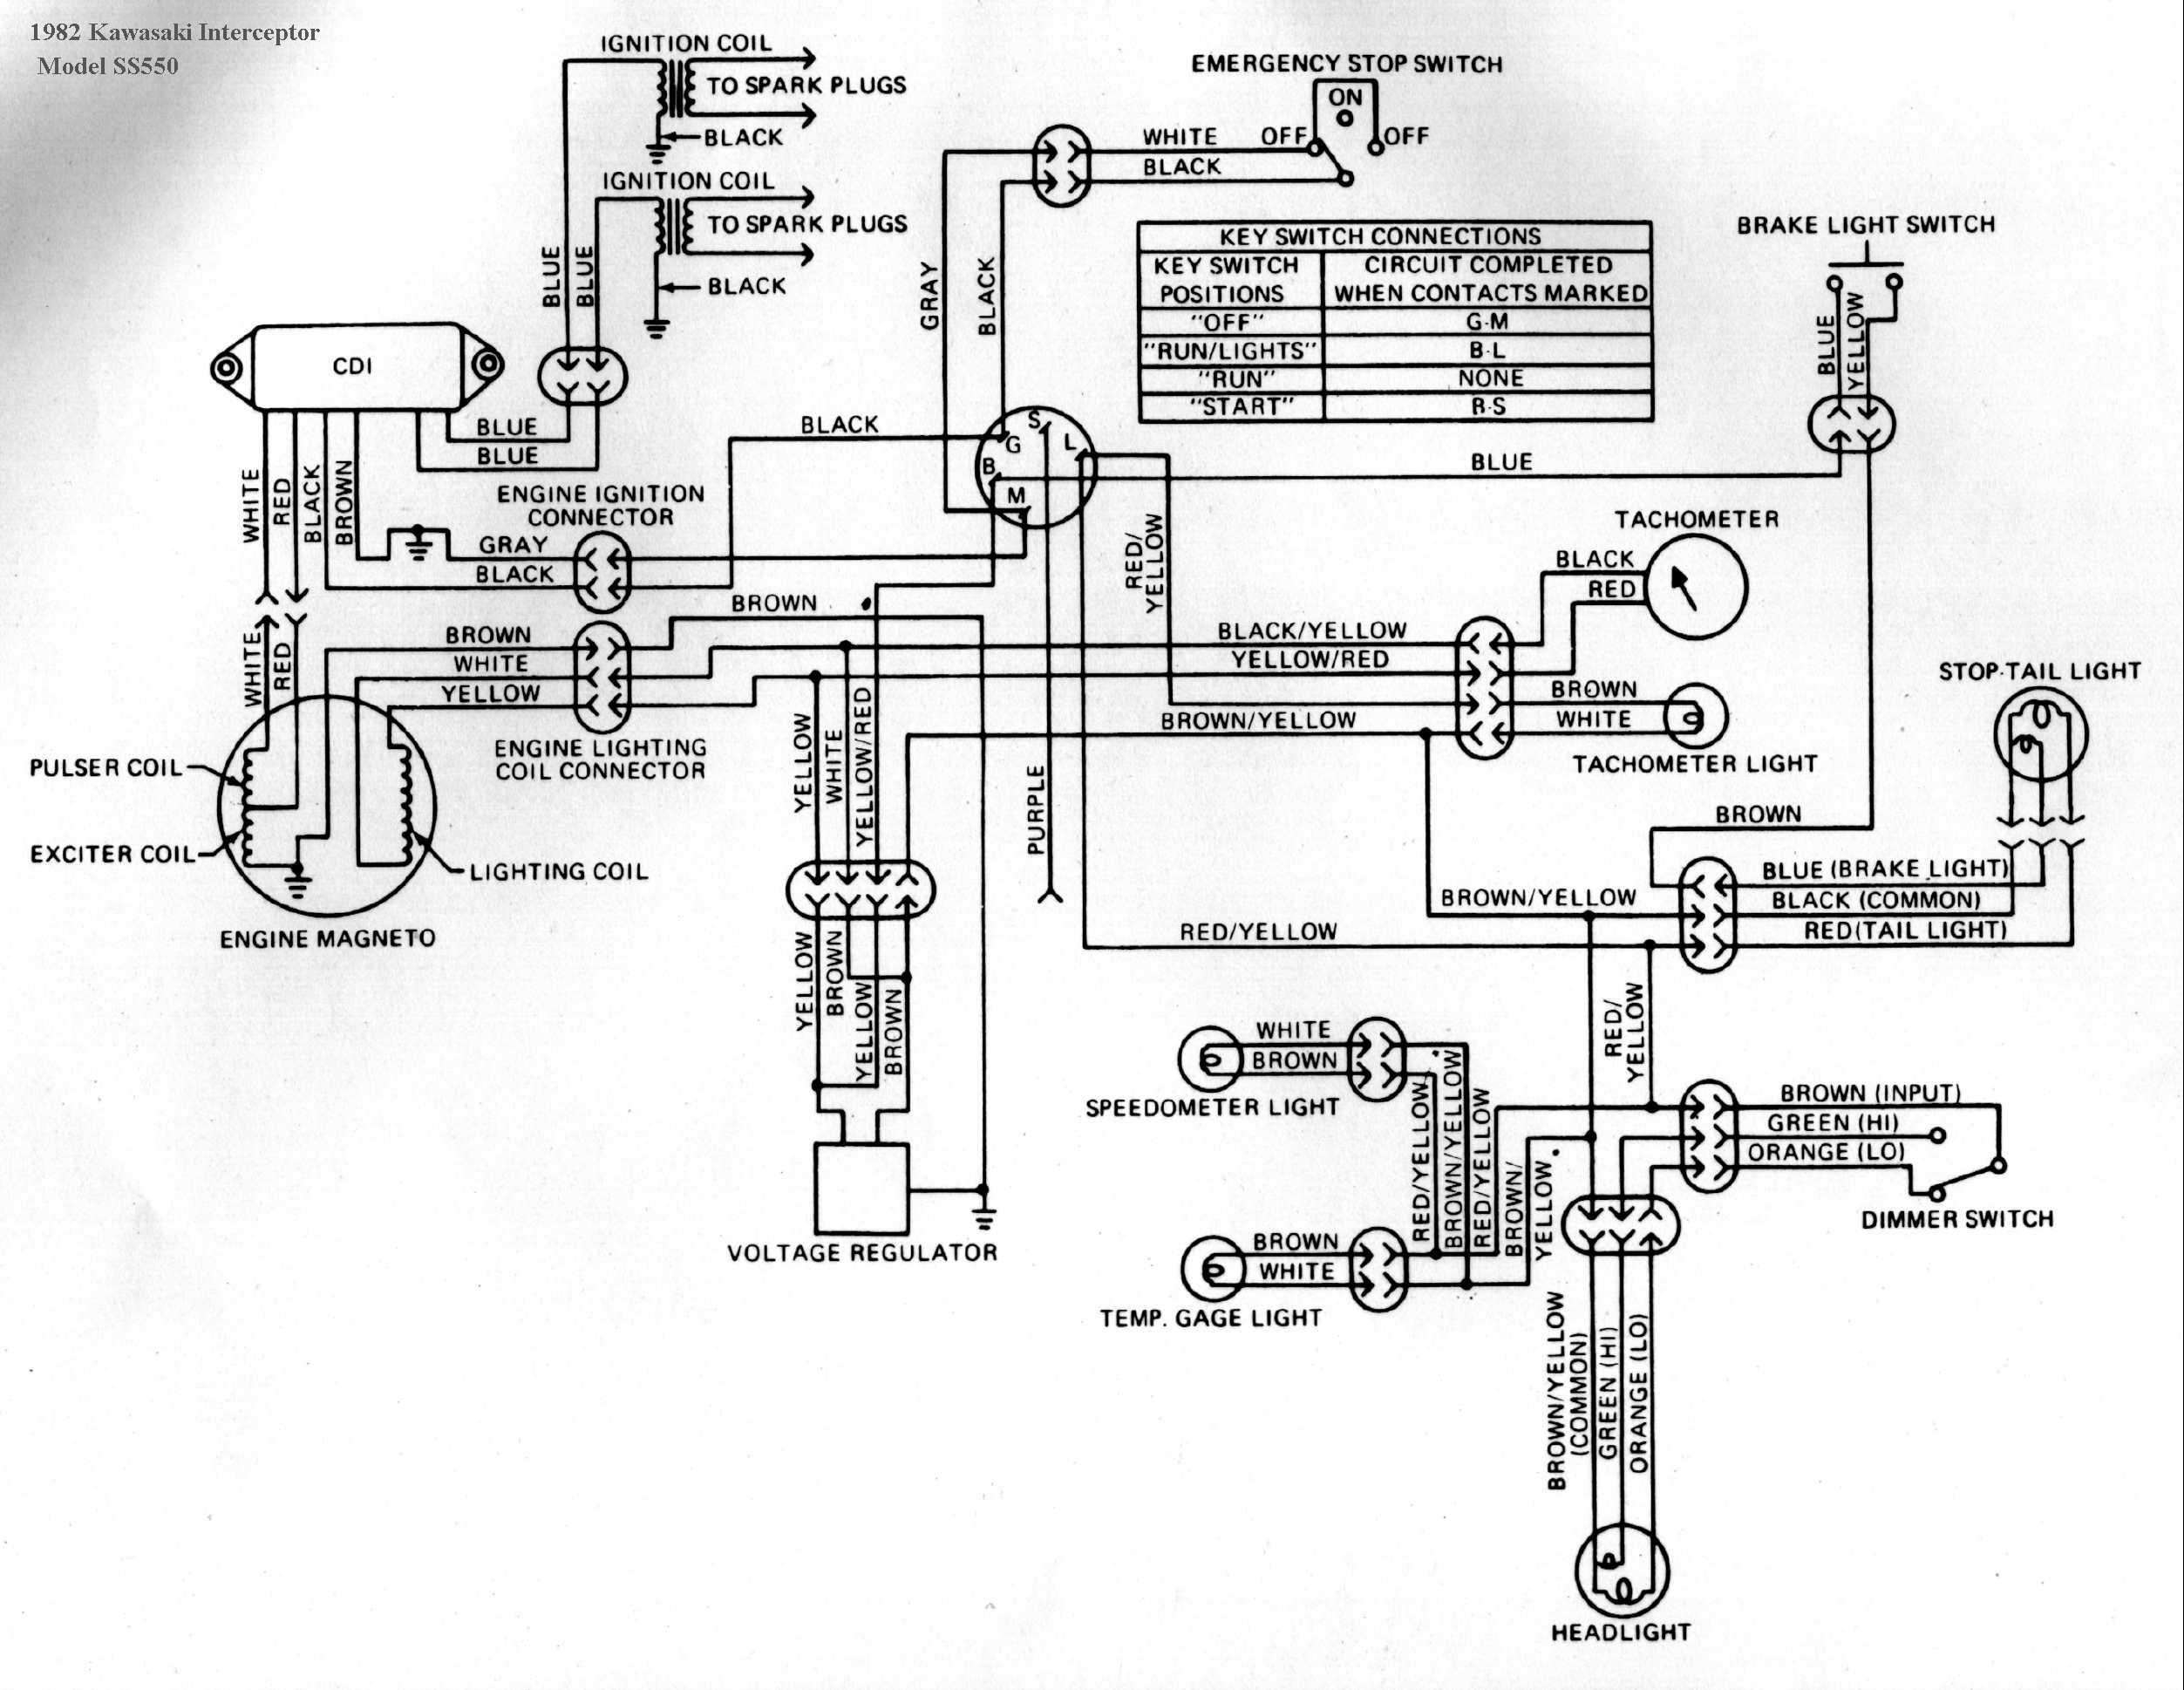 Kawasaki Invader Wiring Diagram | Wiring Diagram - 220 Wiring Diagram